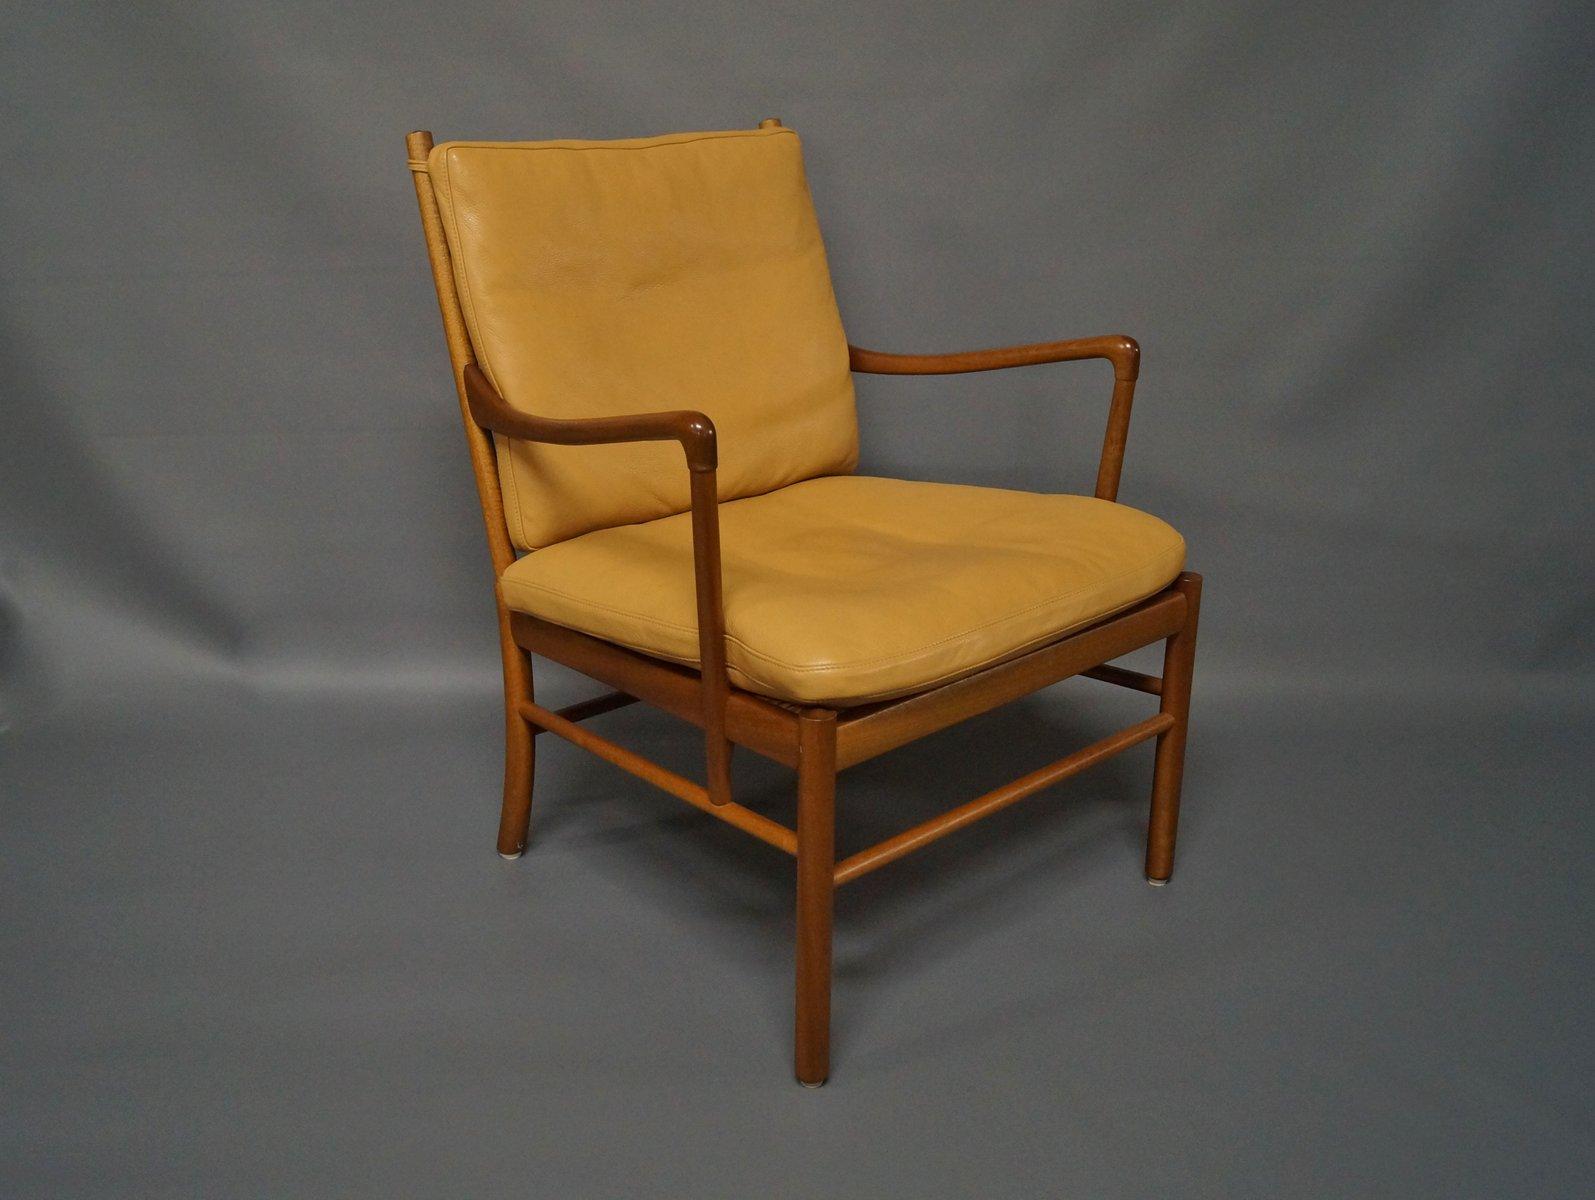 chaise coloniale pj149 pour ole wanscher pour p jeppesen danemark 1960s en vente sur pamono. Black Bedroom Furniture Sets. Home Design Ideas